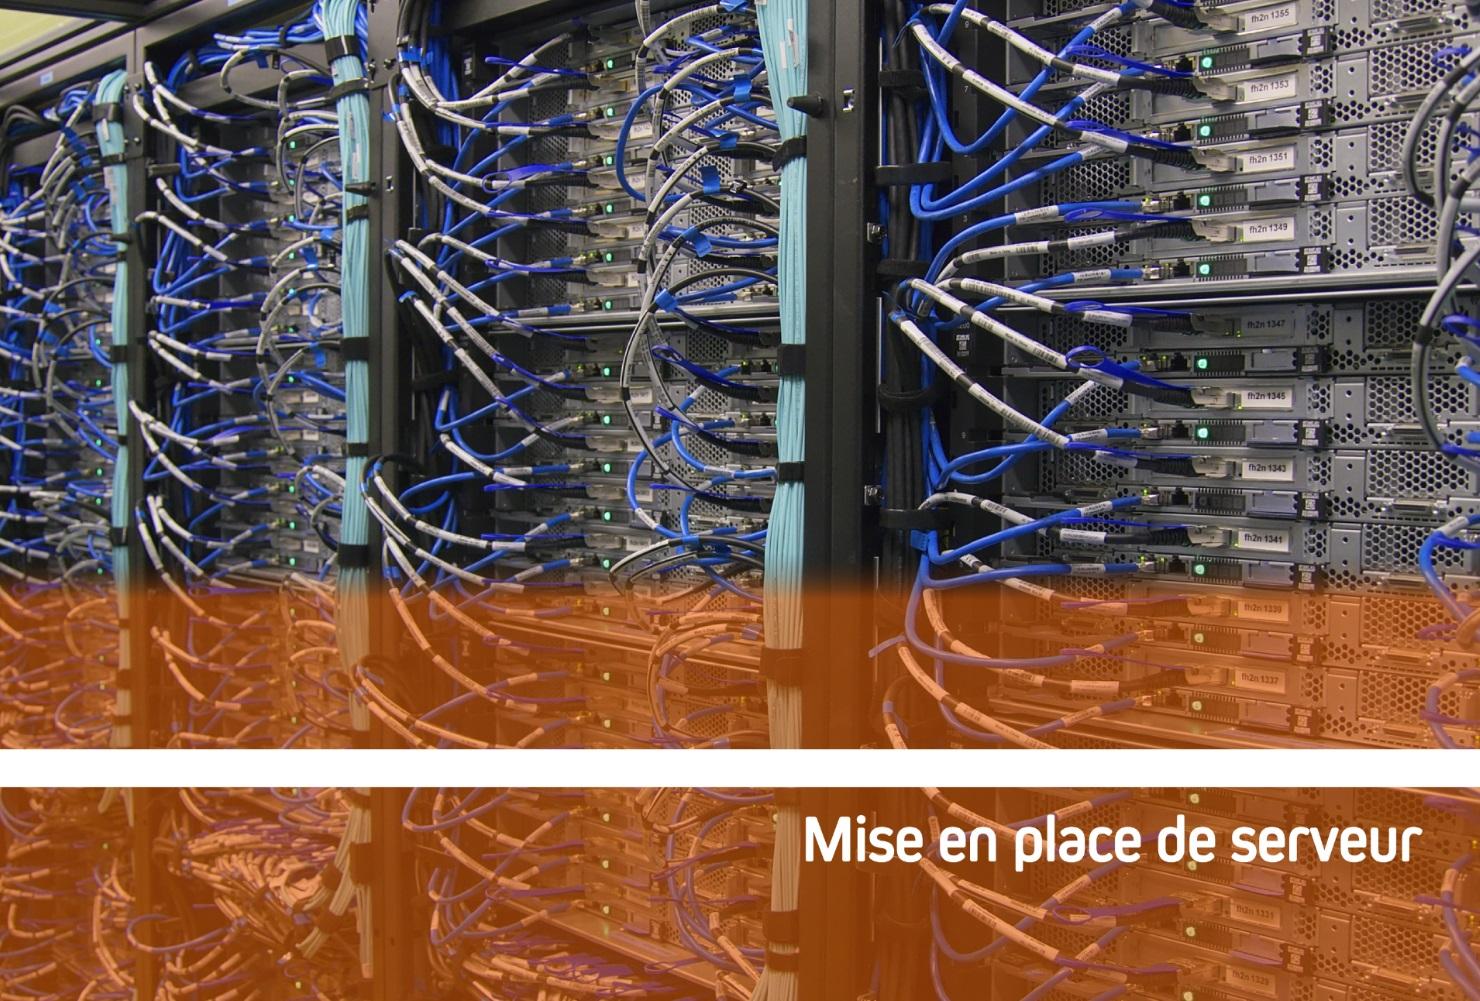 Mise en place de serveur pour la sécurisation de vos données (NASE, etc...)